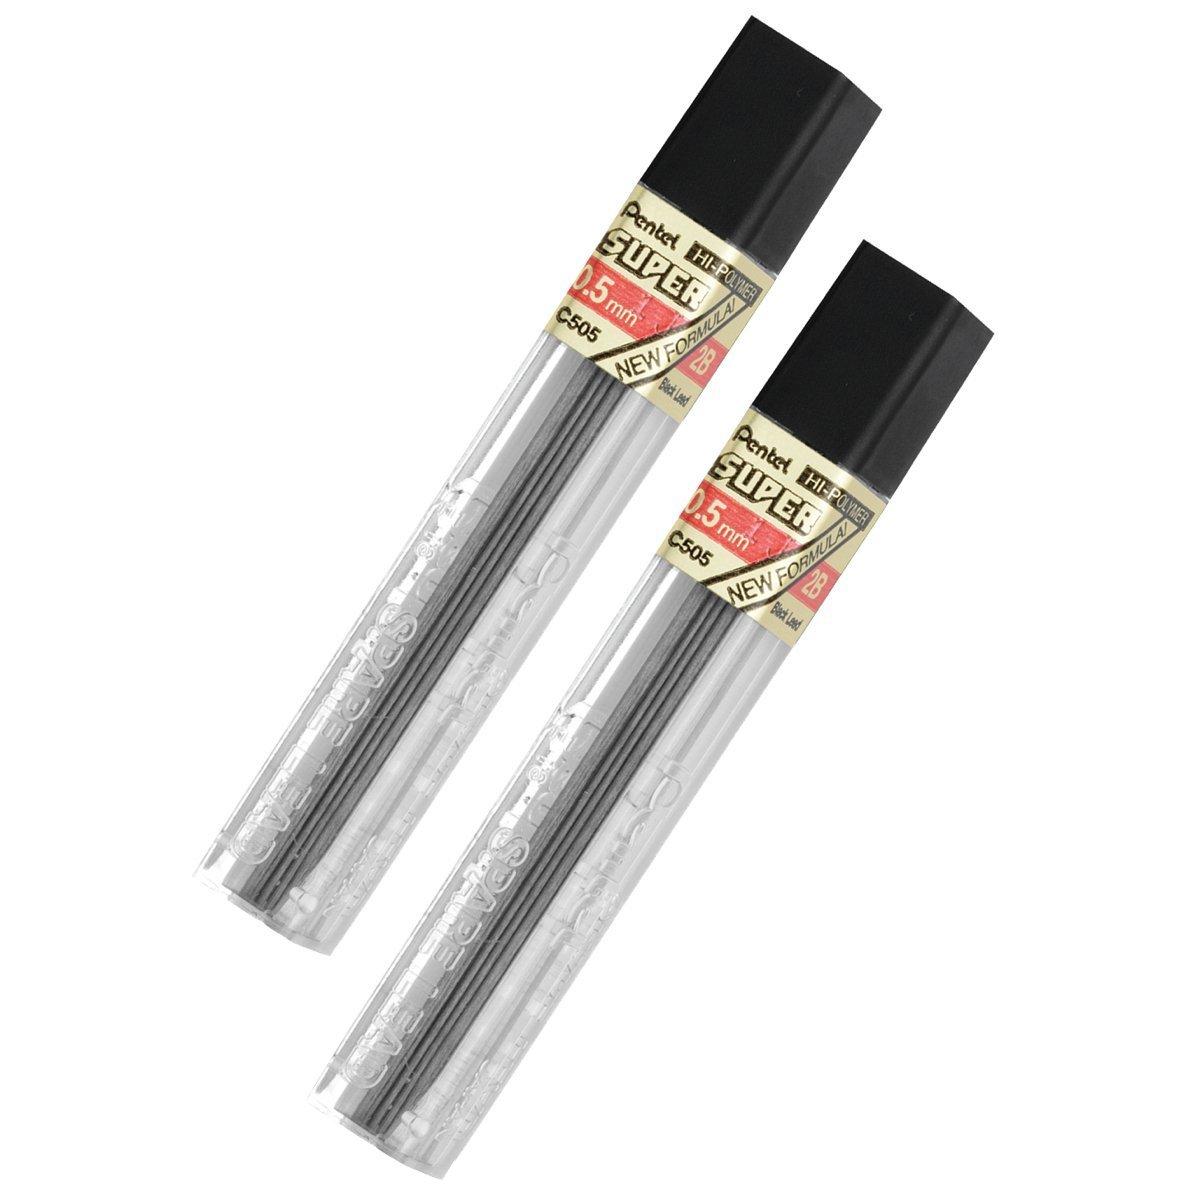 Pentel 24 Minas (2 Tubos) 0.5mm 2B